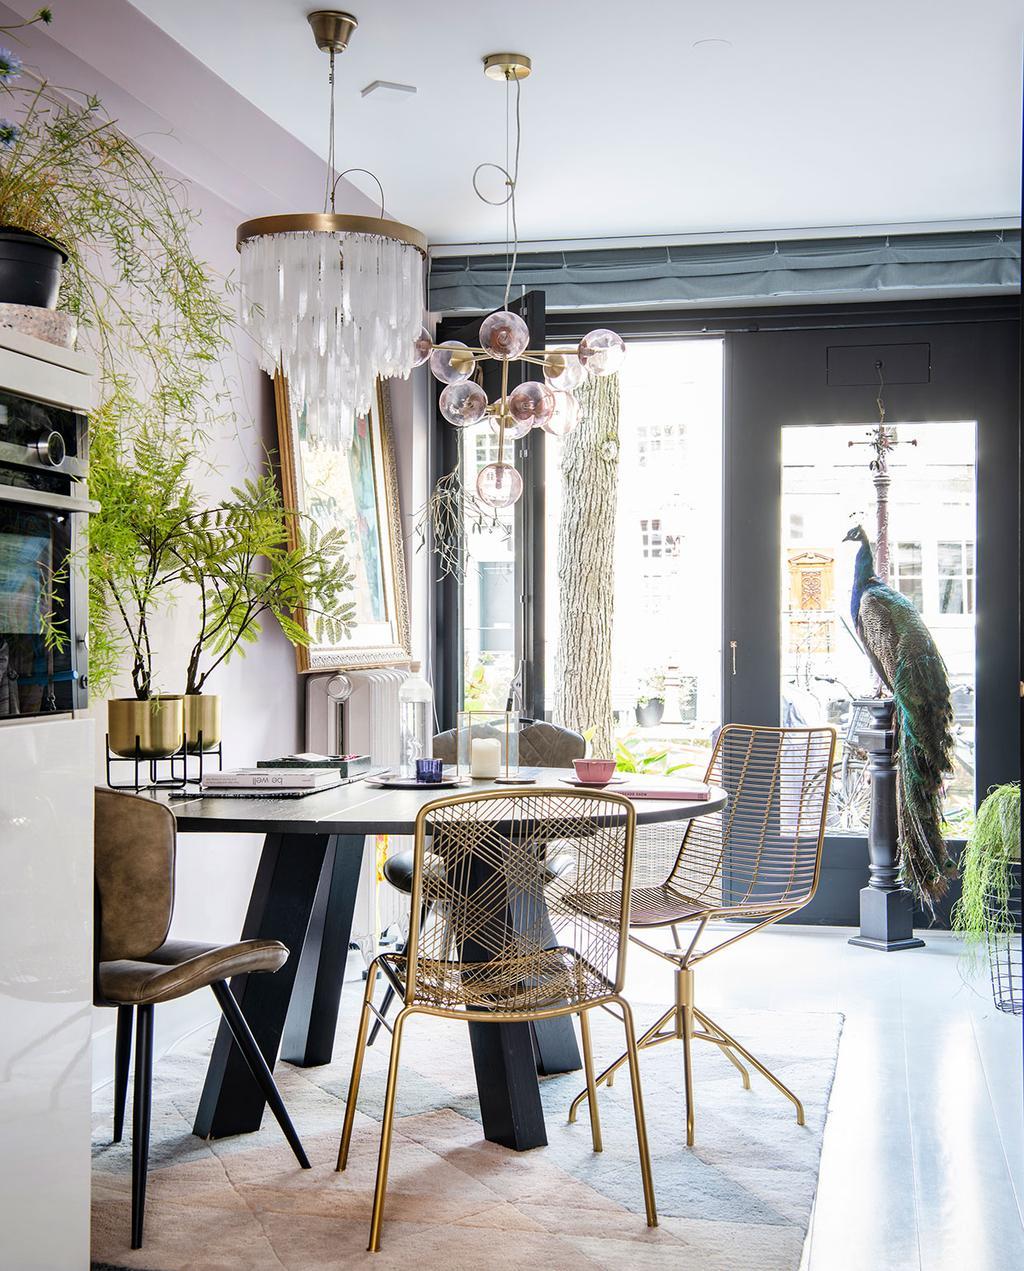 vtwonen 06-2021 | kamer met ronde tafel en gouden stoelen en kandelaar